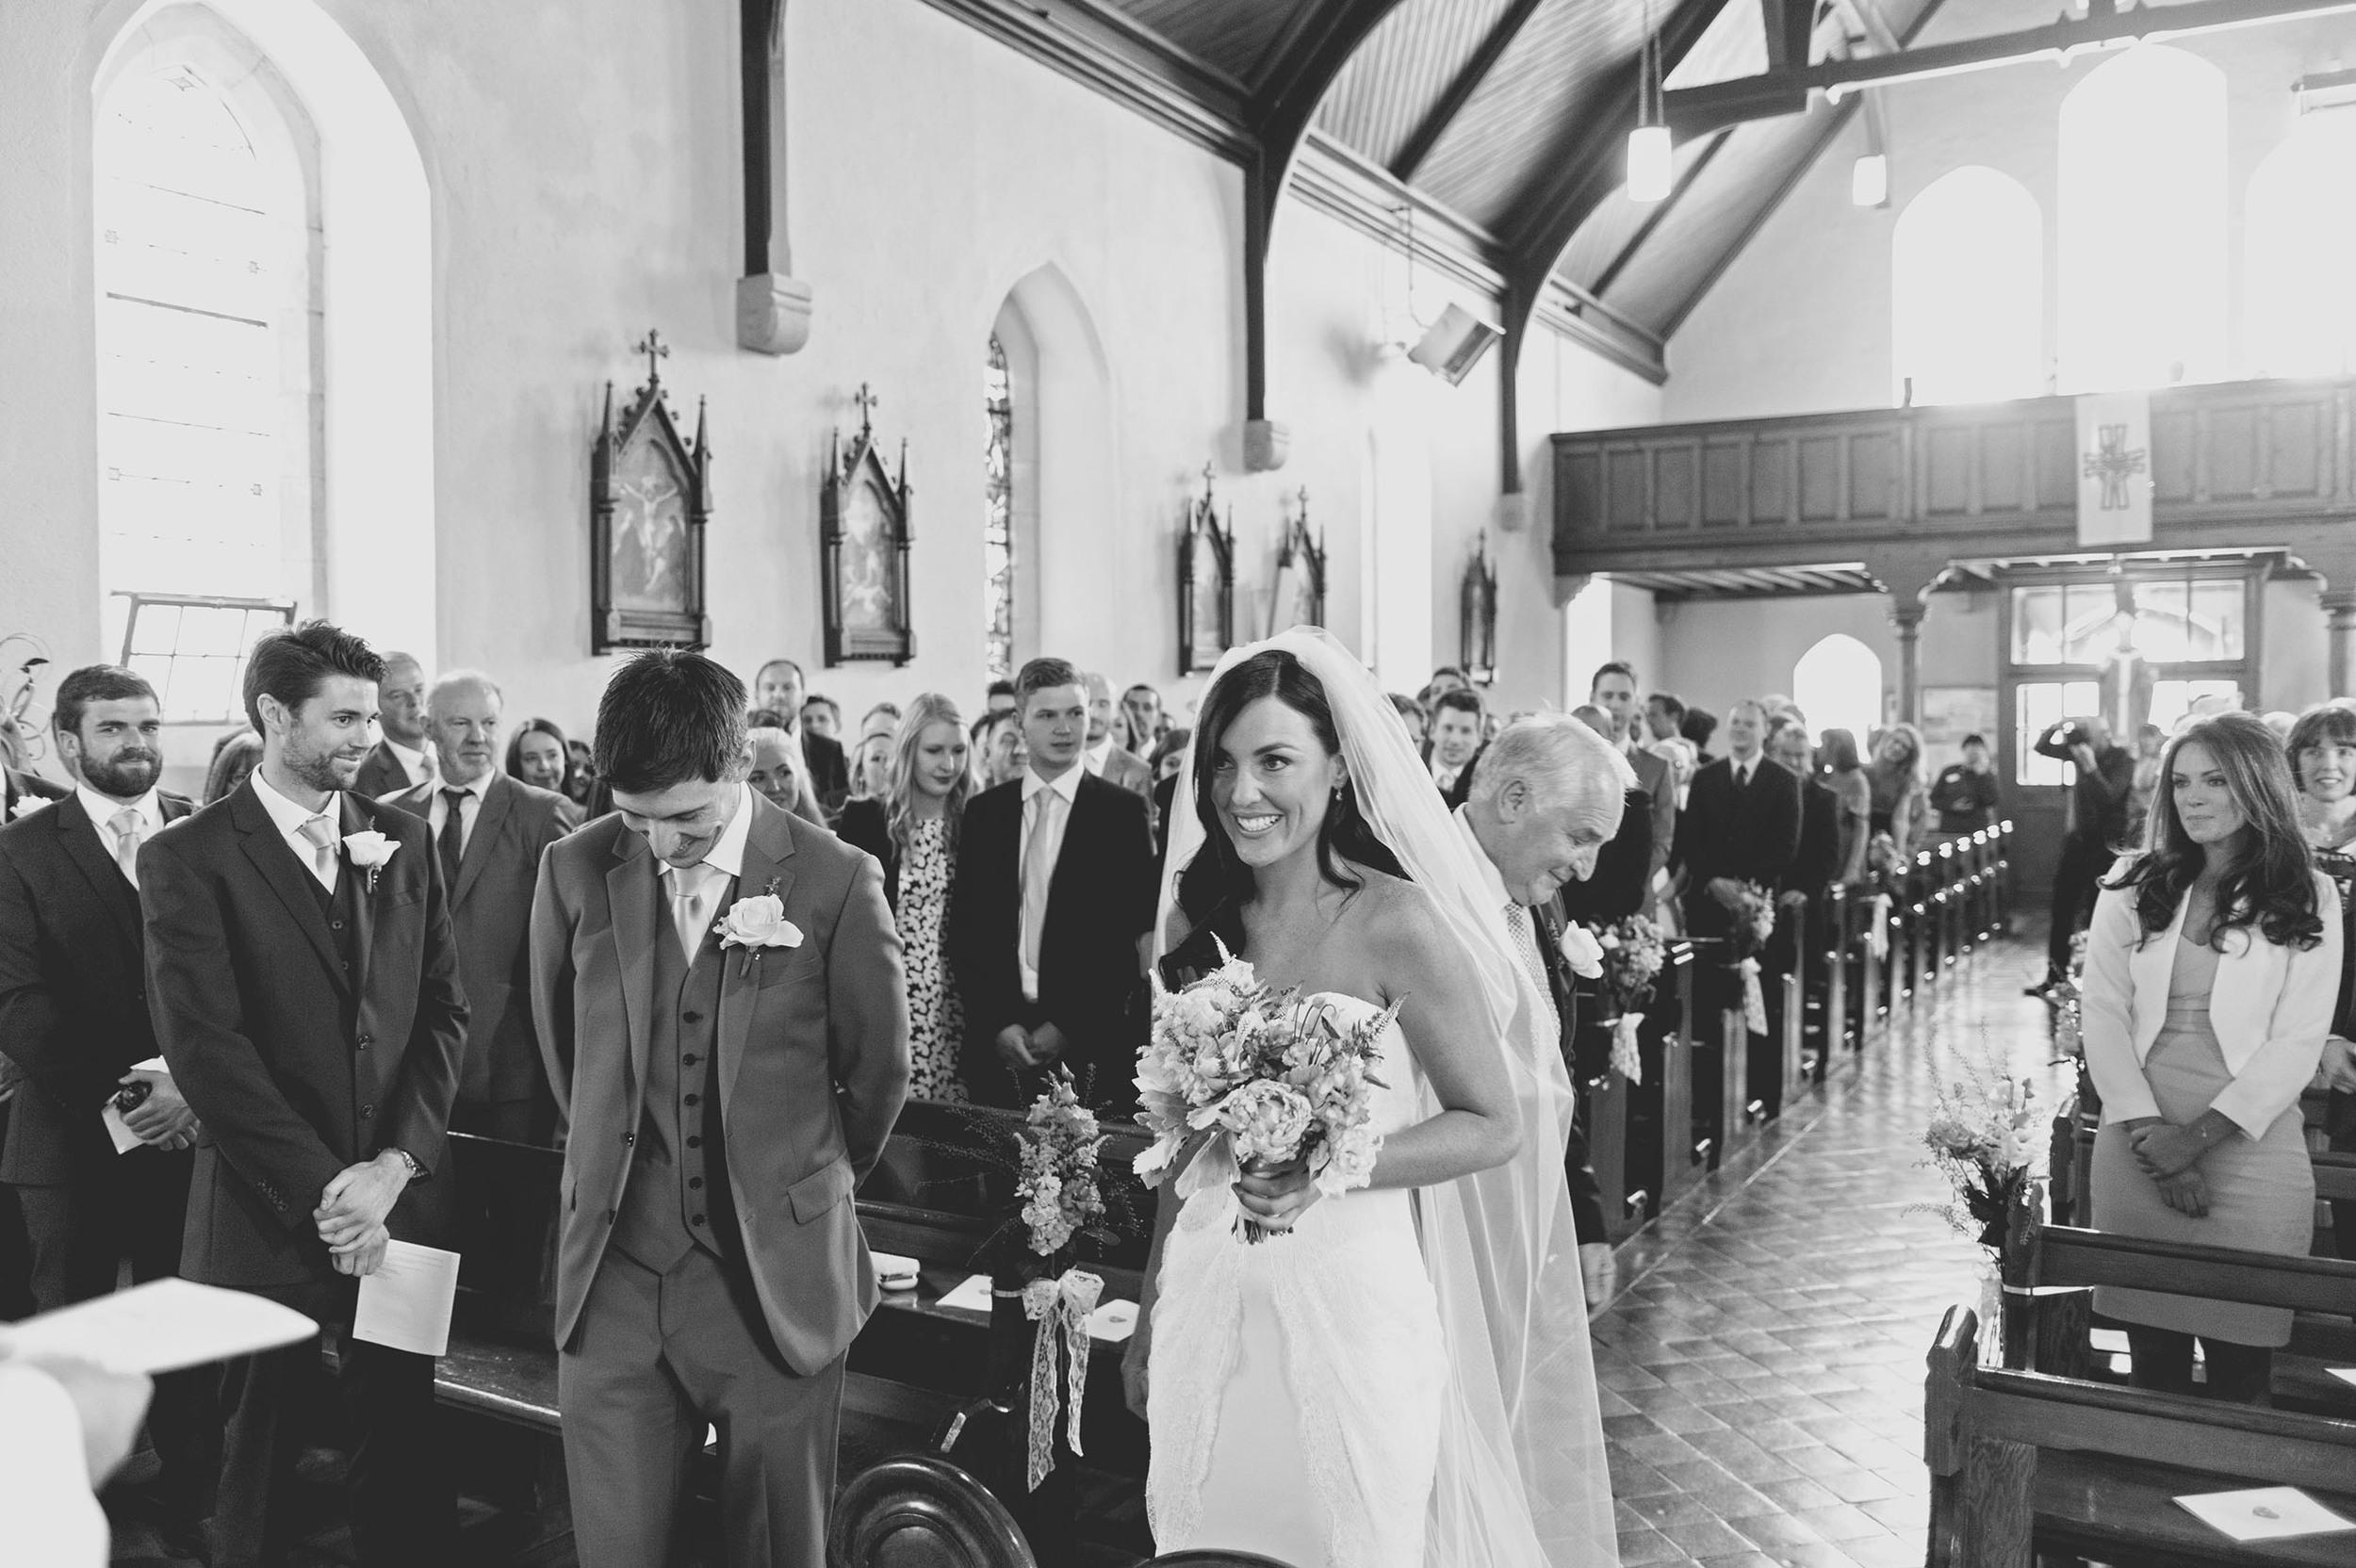 Julie & Matt's Seafield Wedding by Studio33weddings 039.jpg